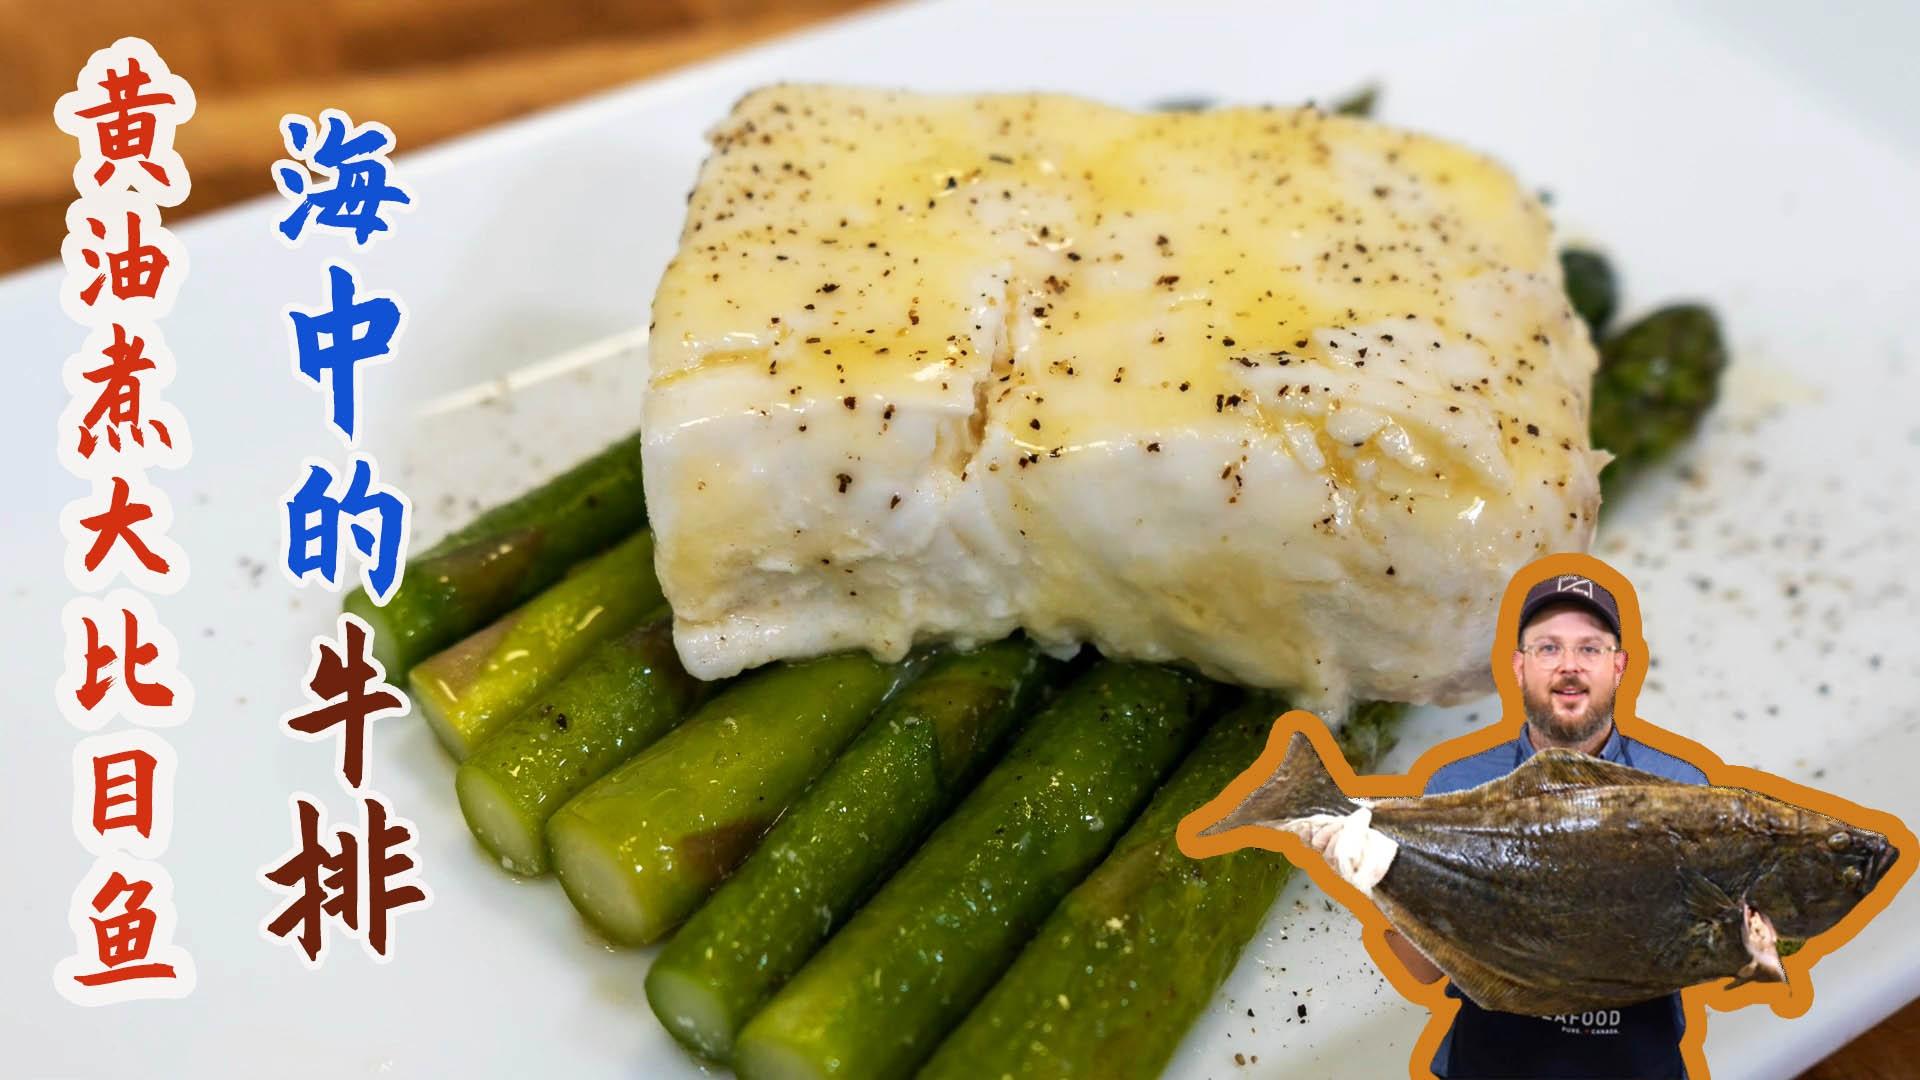 洋厨师烹饪加拿大大比目鱼,黄油炖熟出锅做出海中牛排!